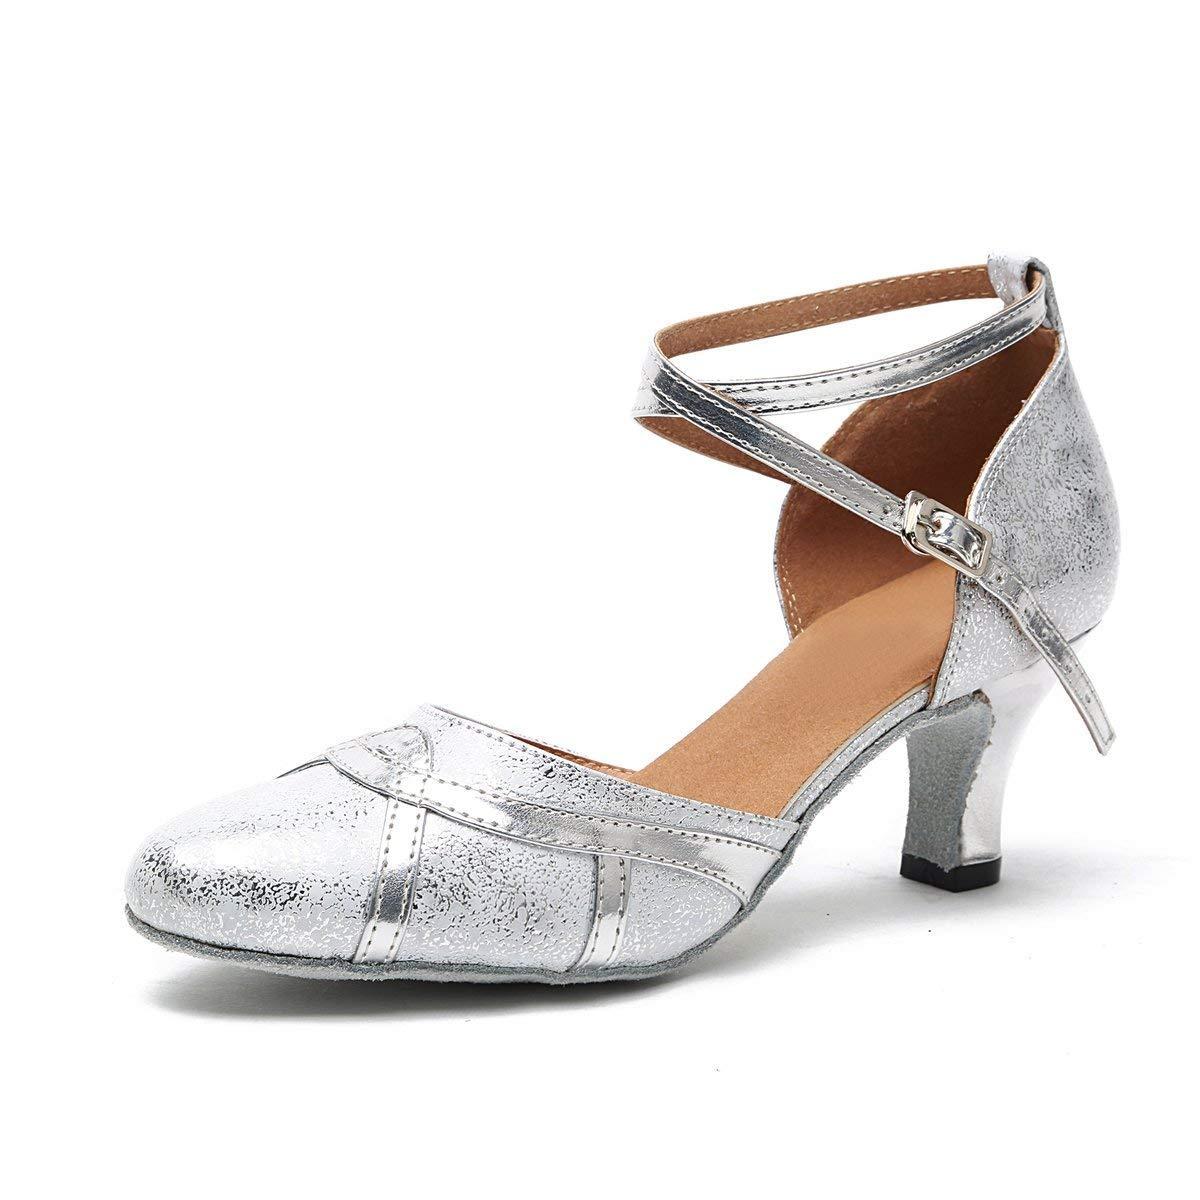 Qiusa Frauen 2,5 Heel Silber Synthetische Latin Salsa Tanzschuhe Hochzeit Pumps UK 6,5 (Farbe   - Größe   -)